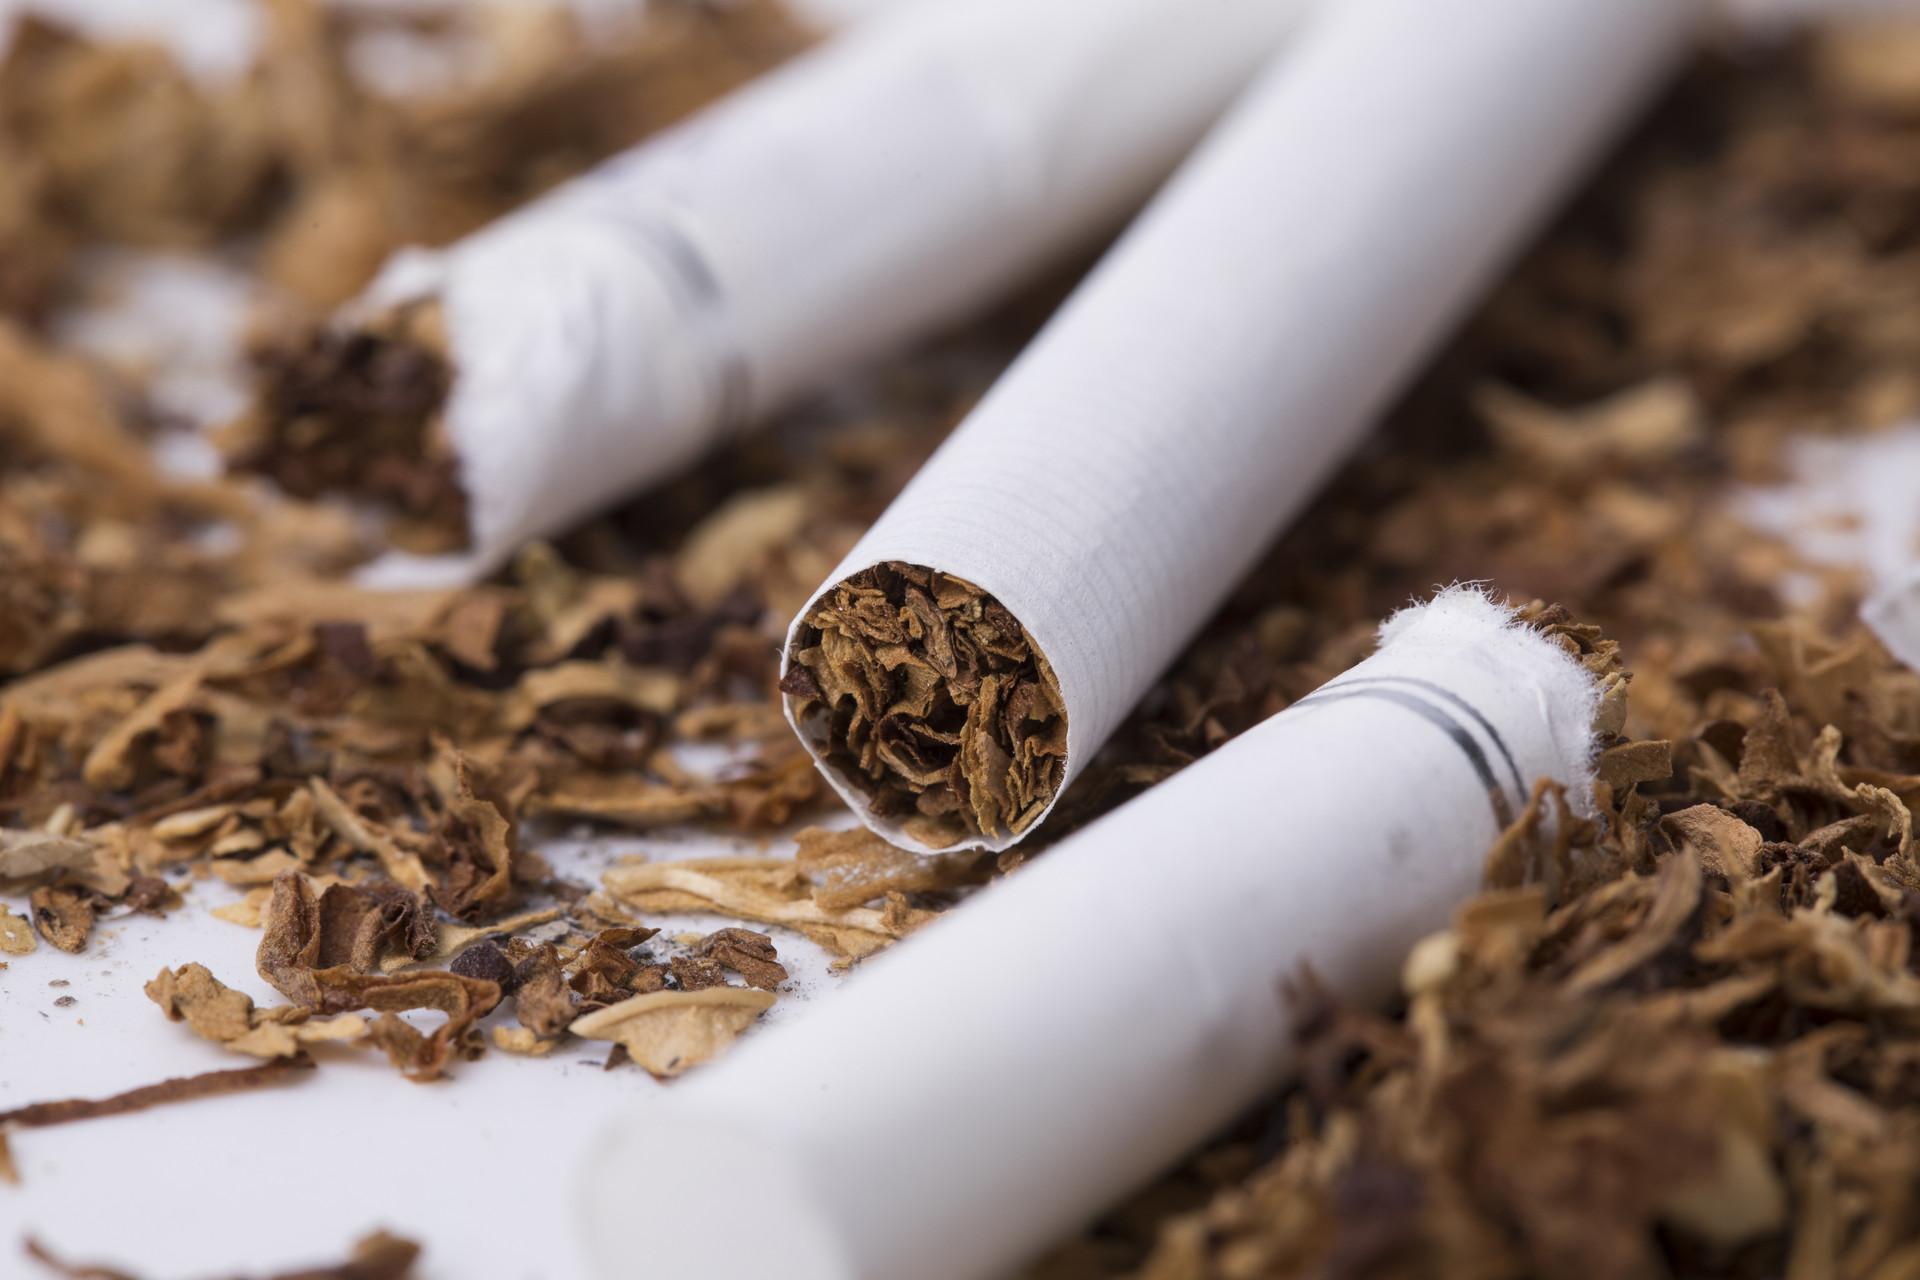 澳大利亚海关 海关 海关规定 烟草到澳大利亚 寄烟草到澳大利亚 国际快递 鹿跃国际快递